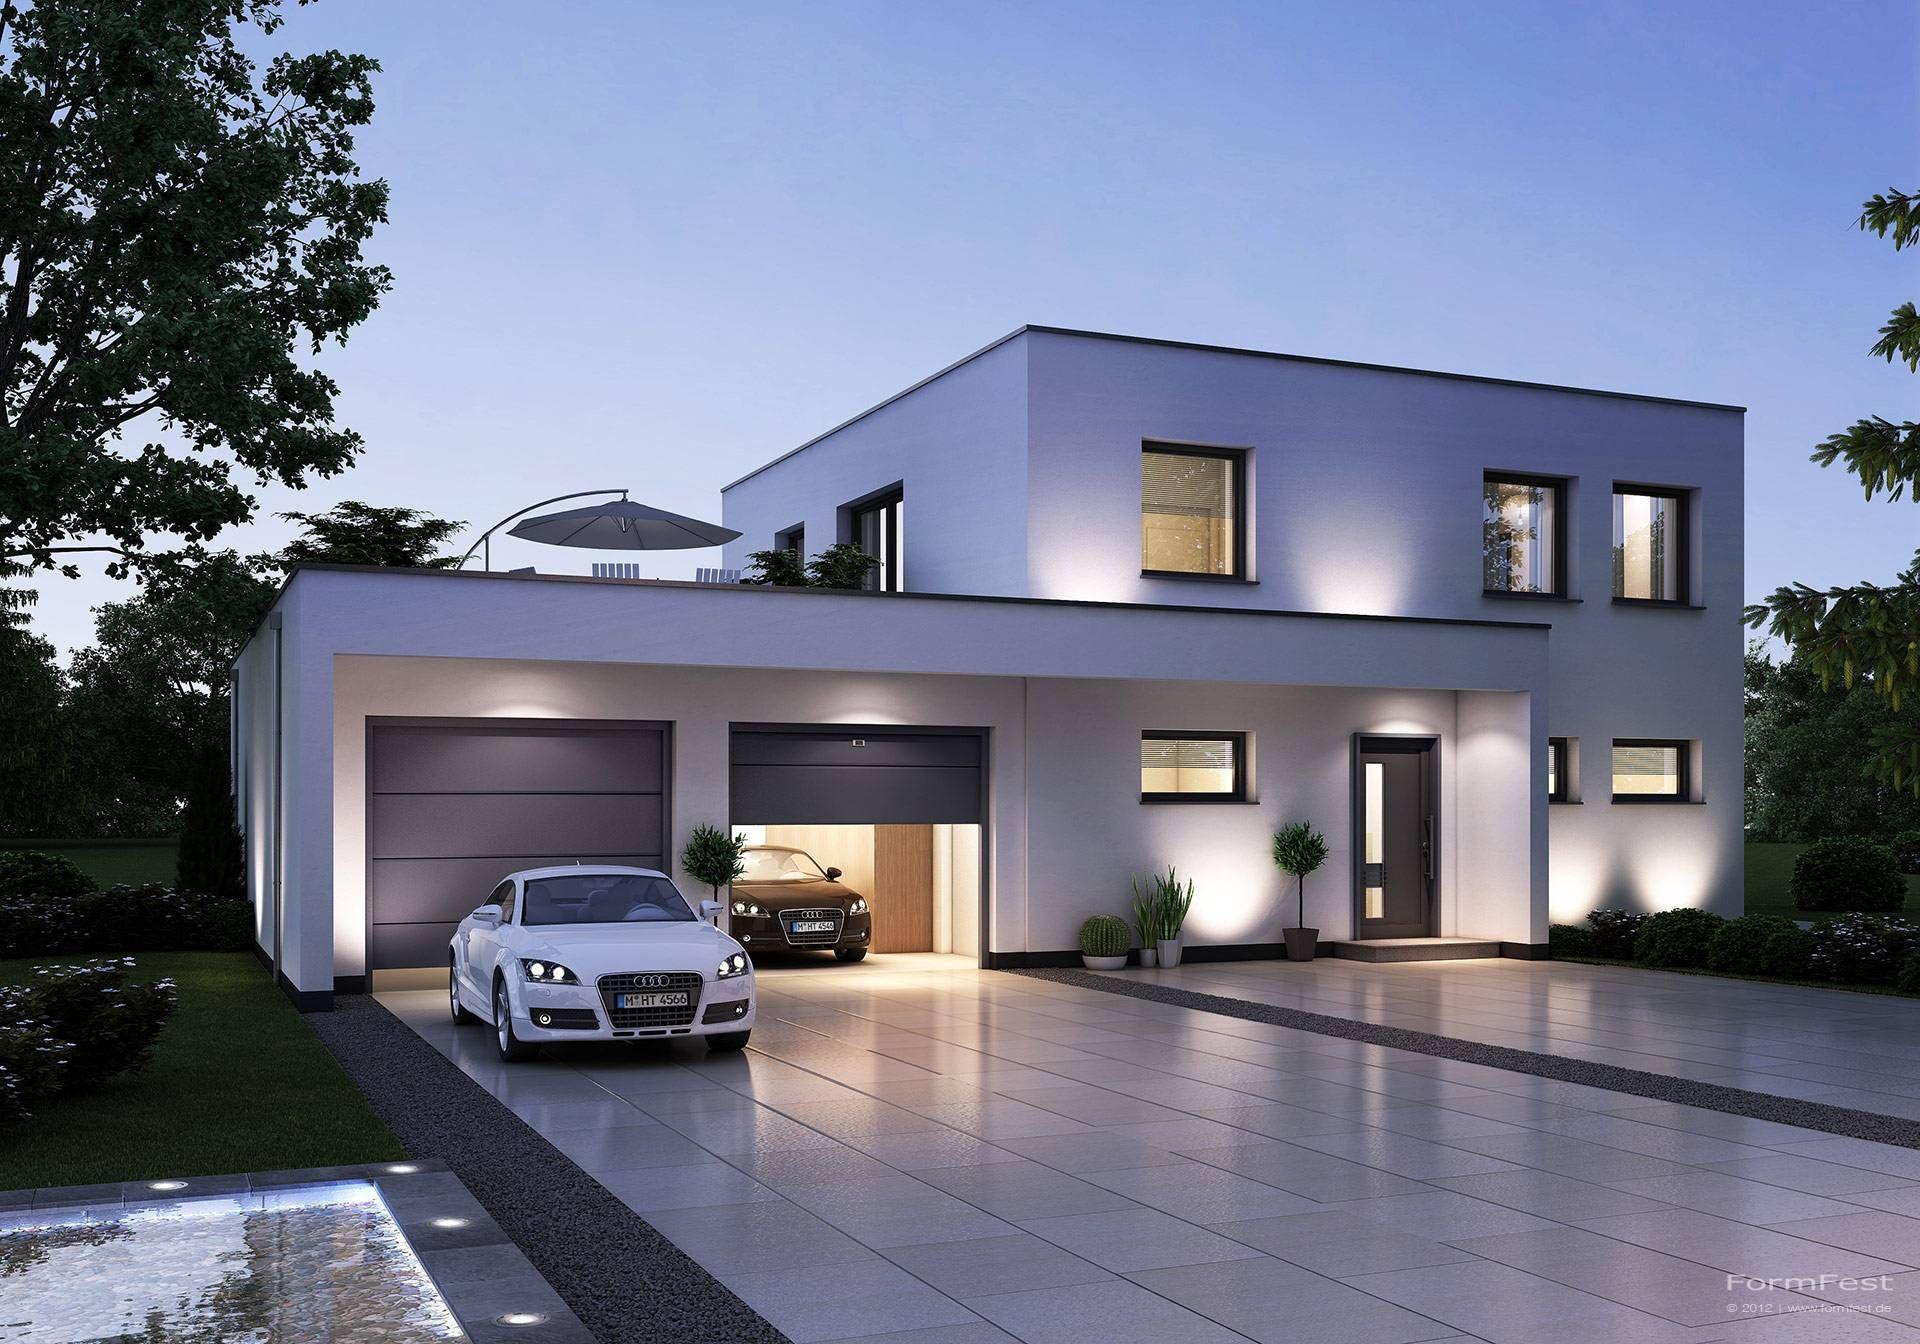 Haas S 154 C: Modernes Einfamilienhaus Haas Fertighaus ...